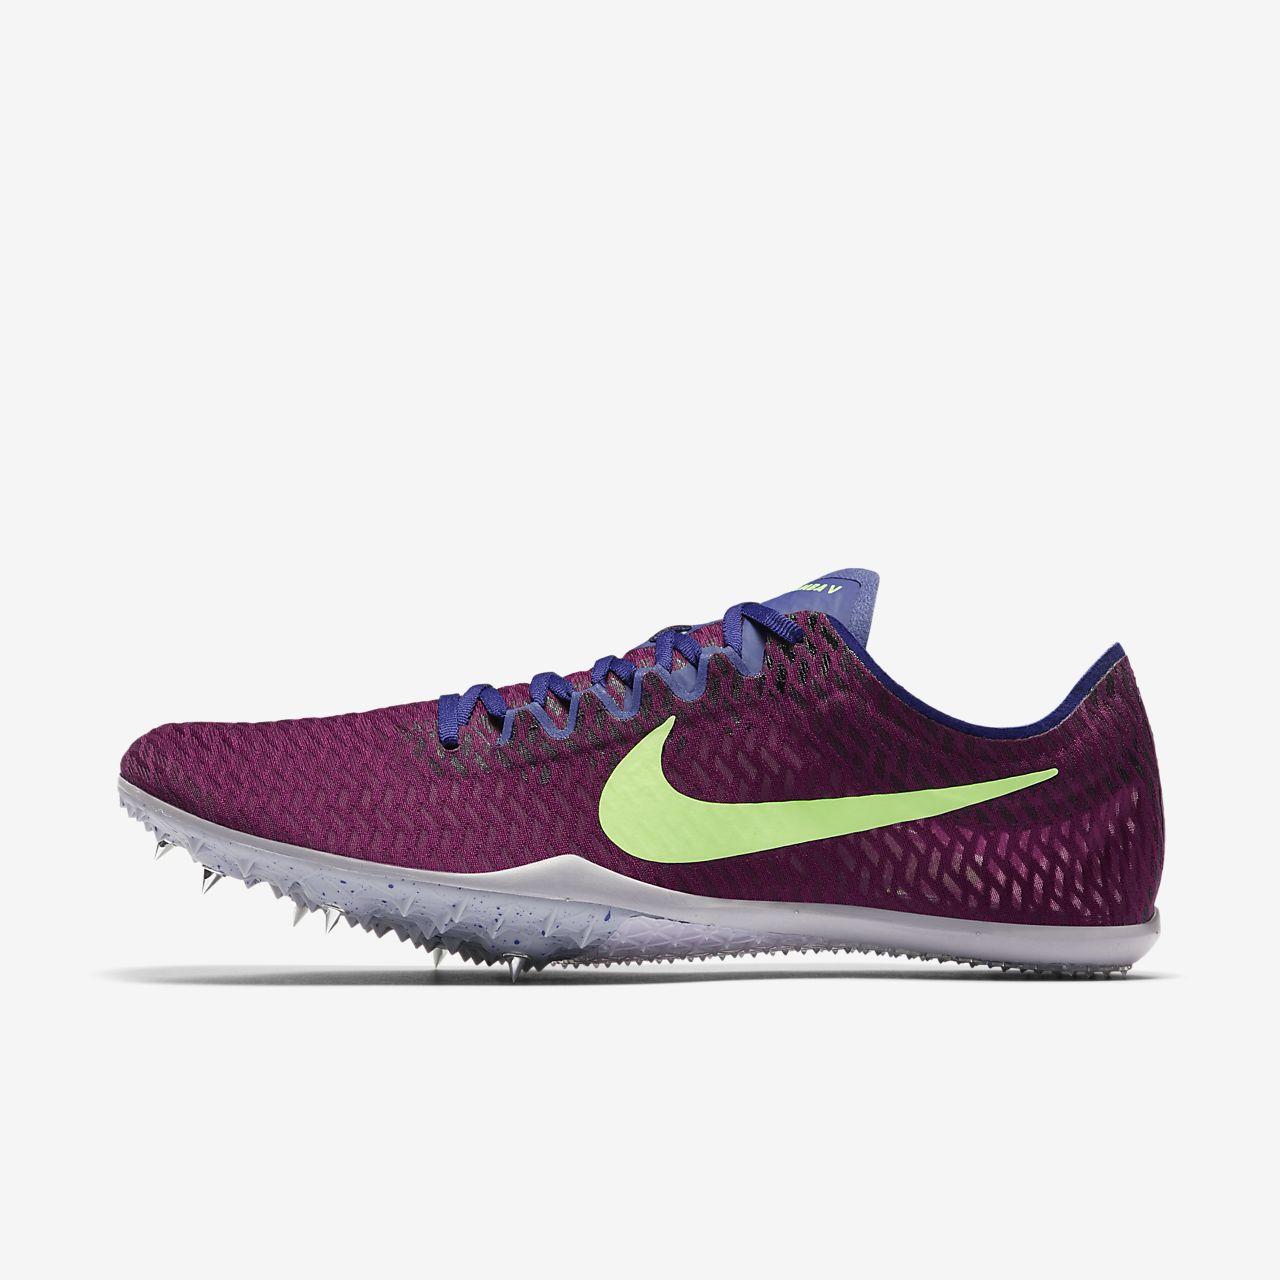 Nike Zoom Mamba V-løbesko